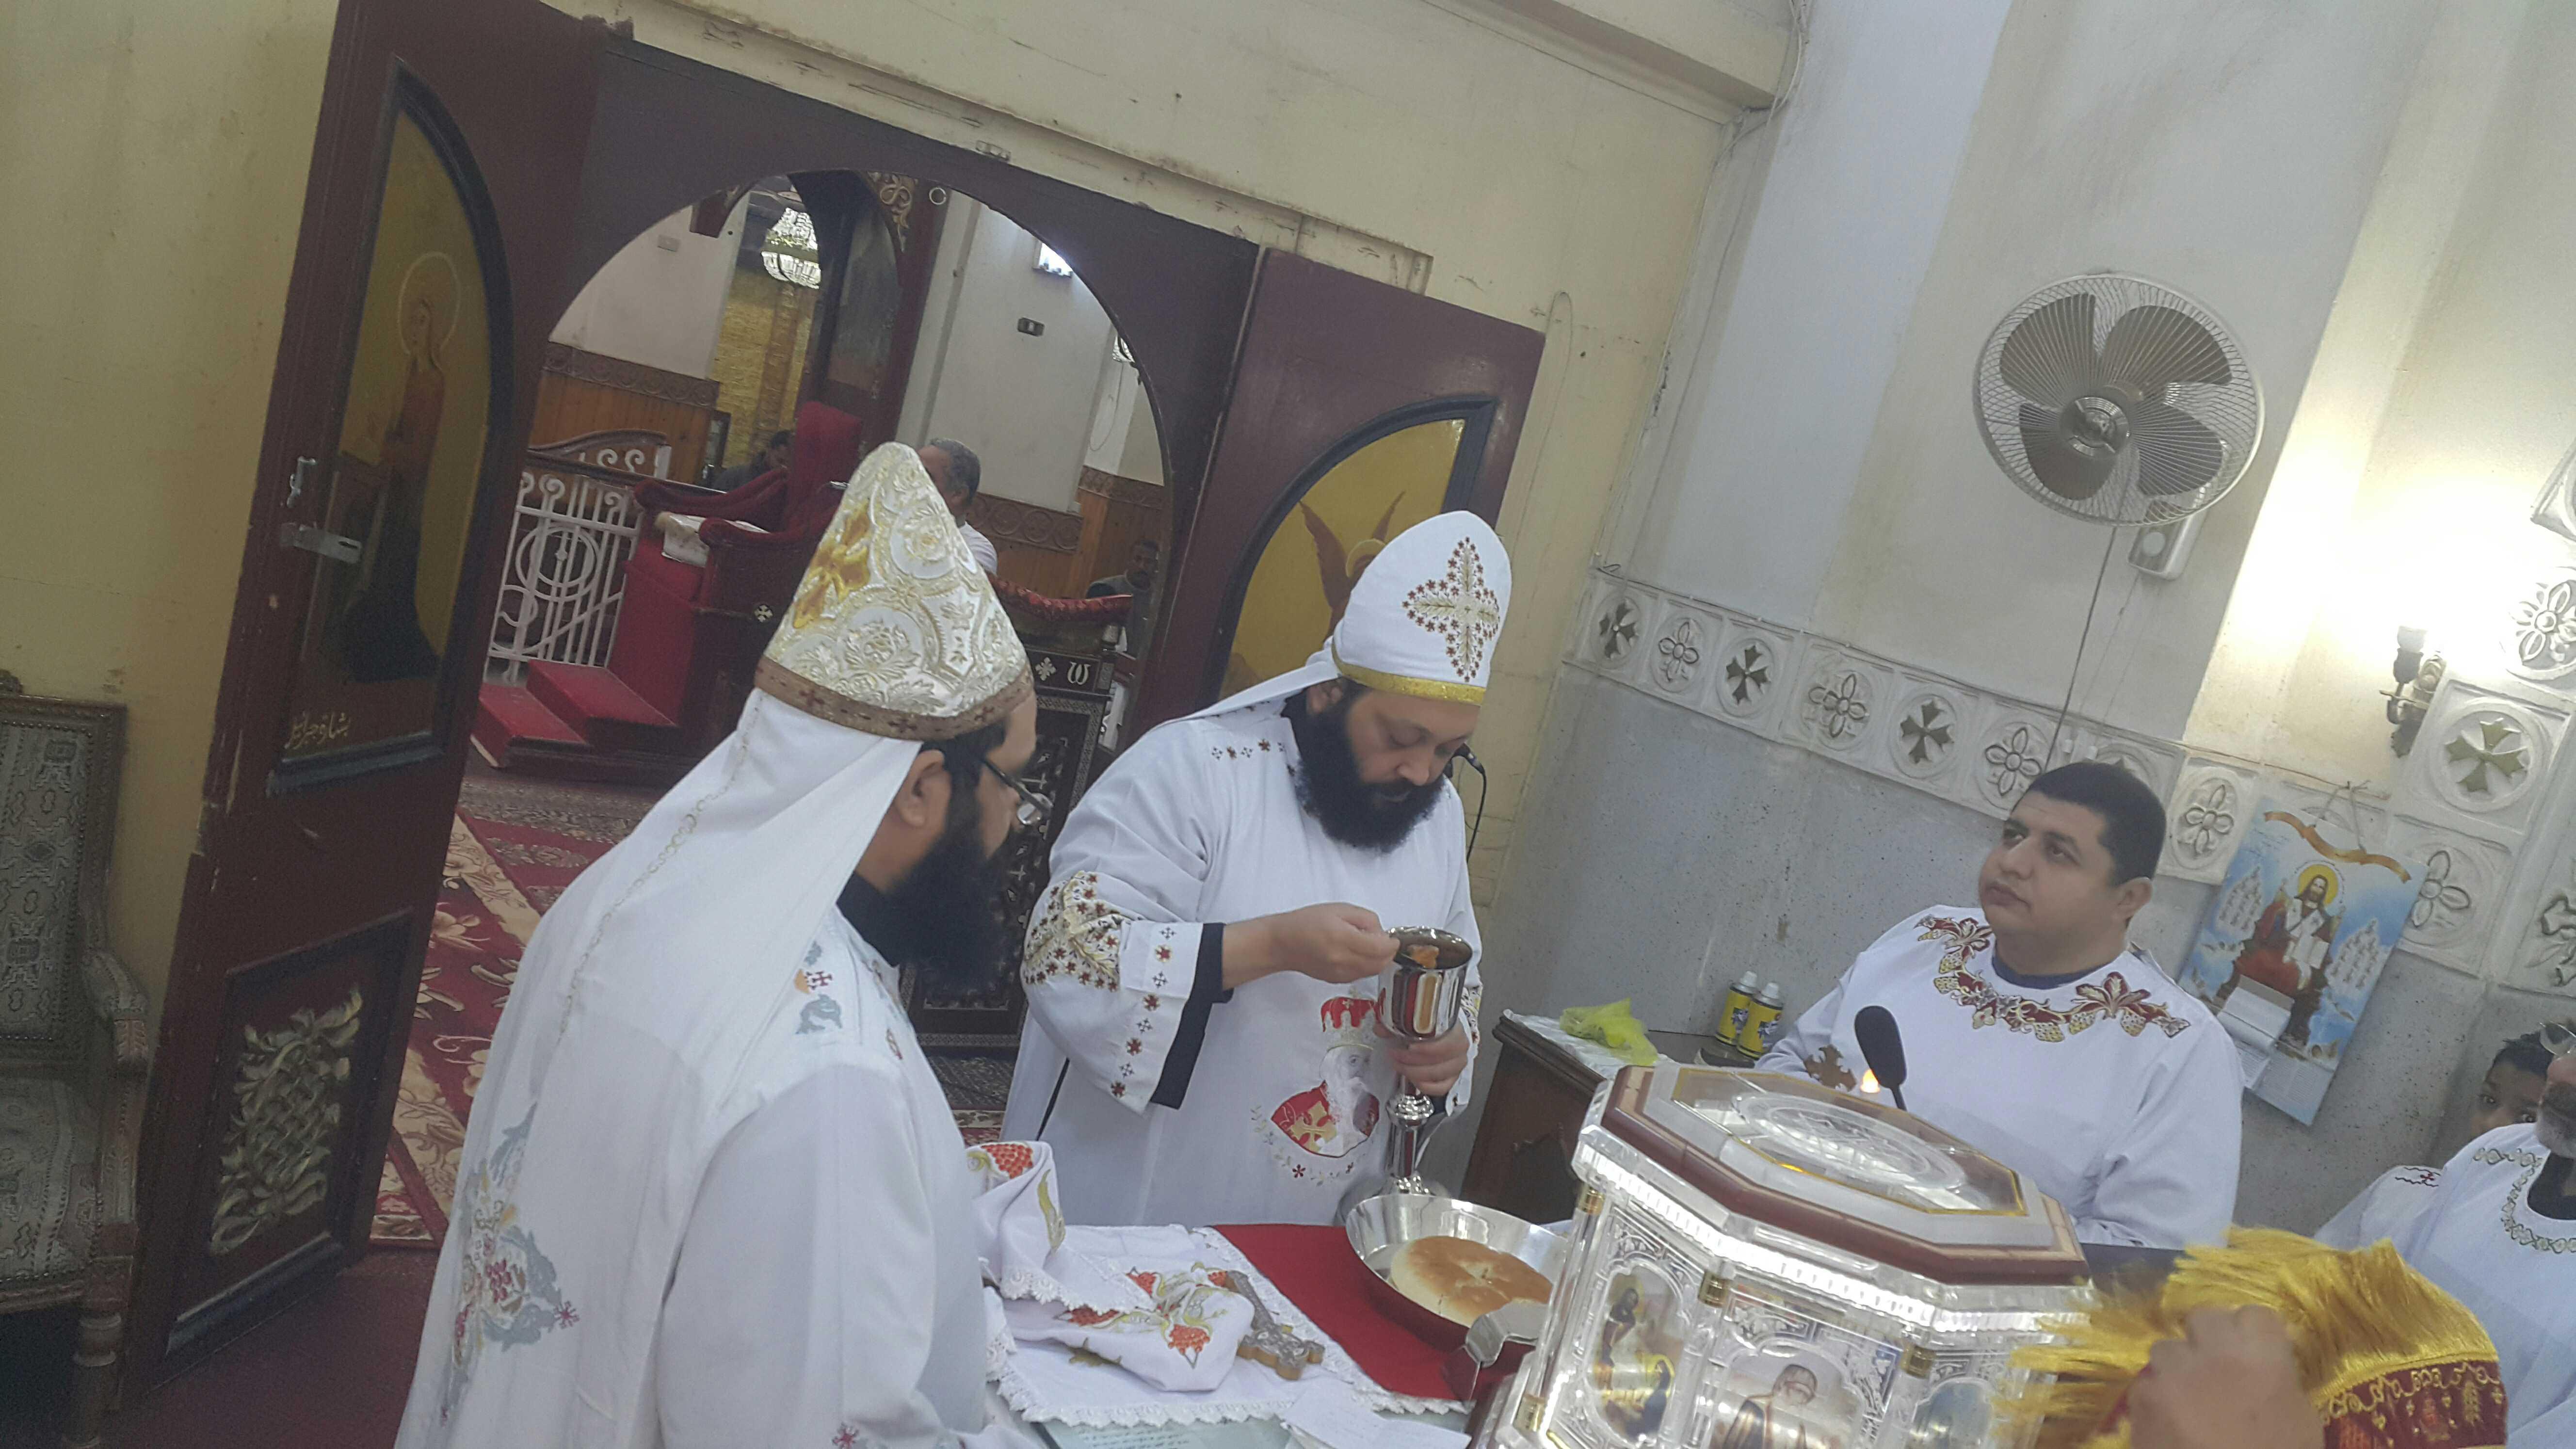 القمص بيشوى حليم فى ضيافة كنيسة الشهيدة دميانة بفاو قبلى